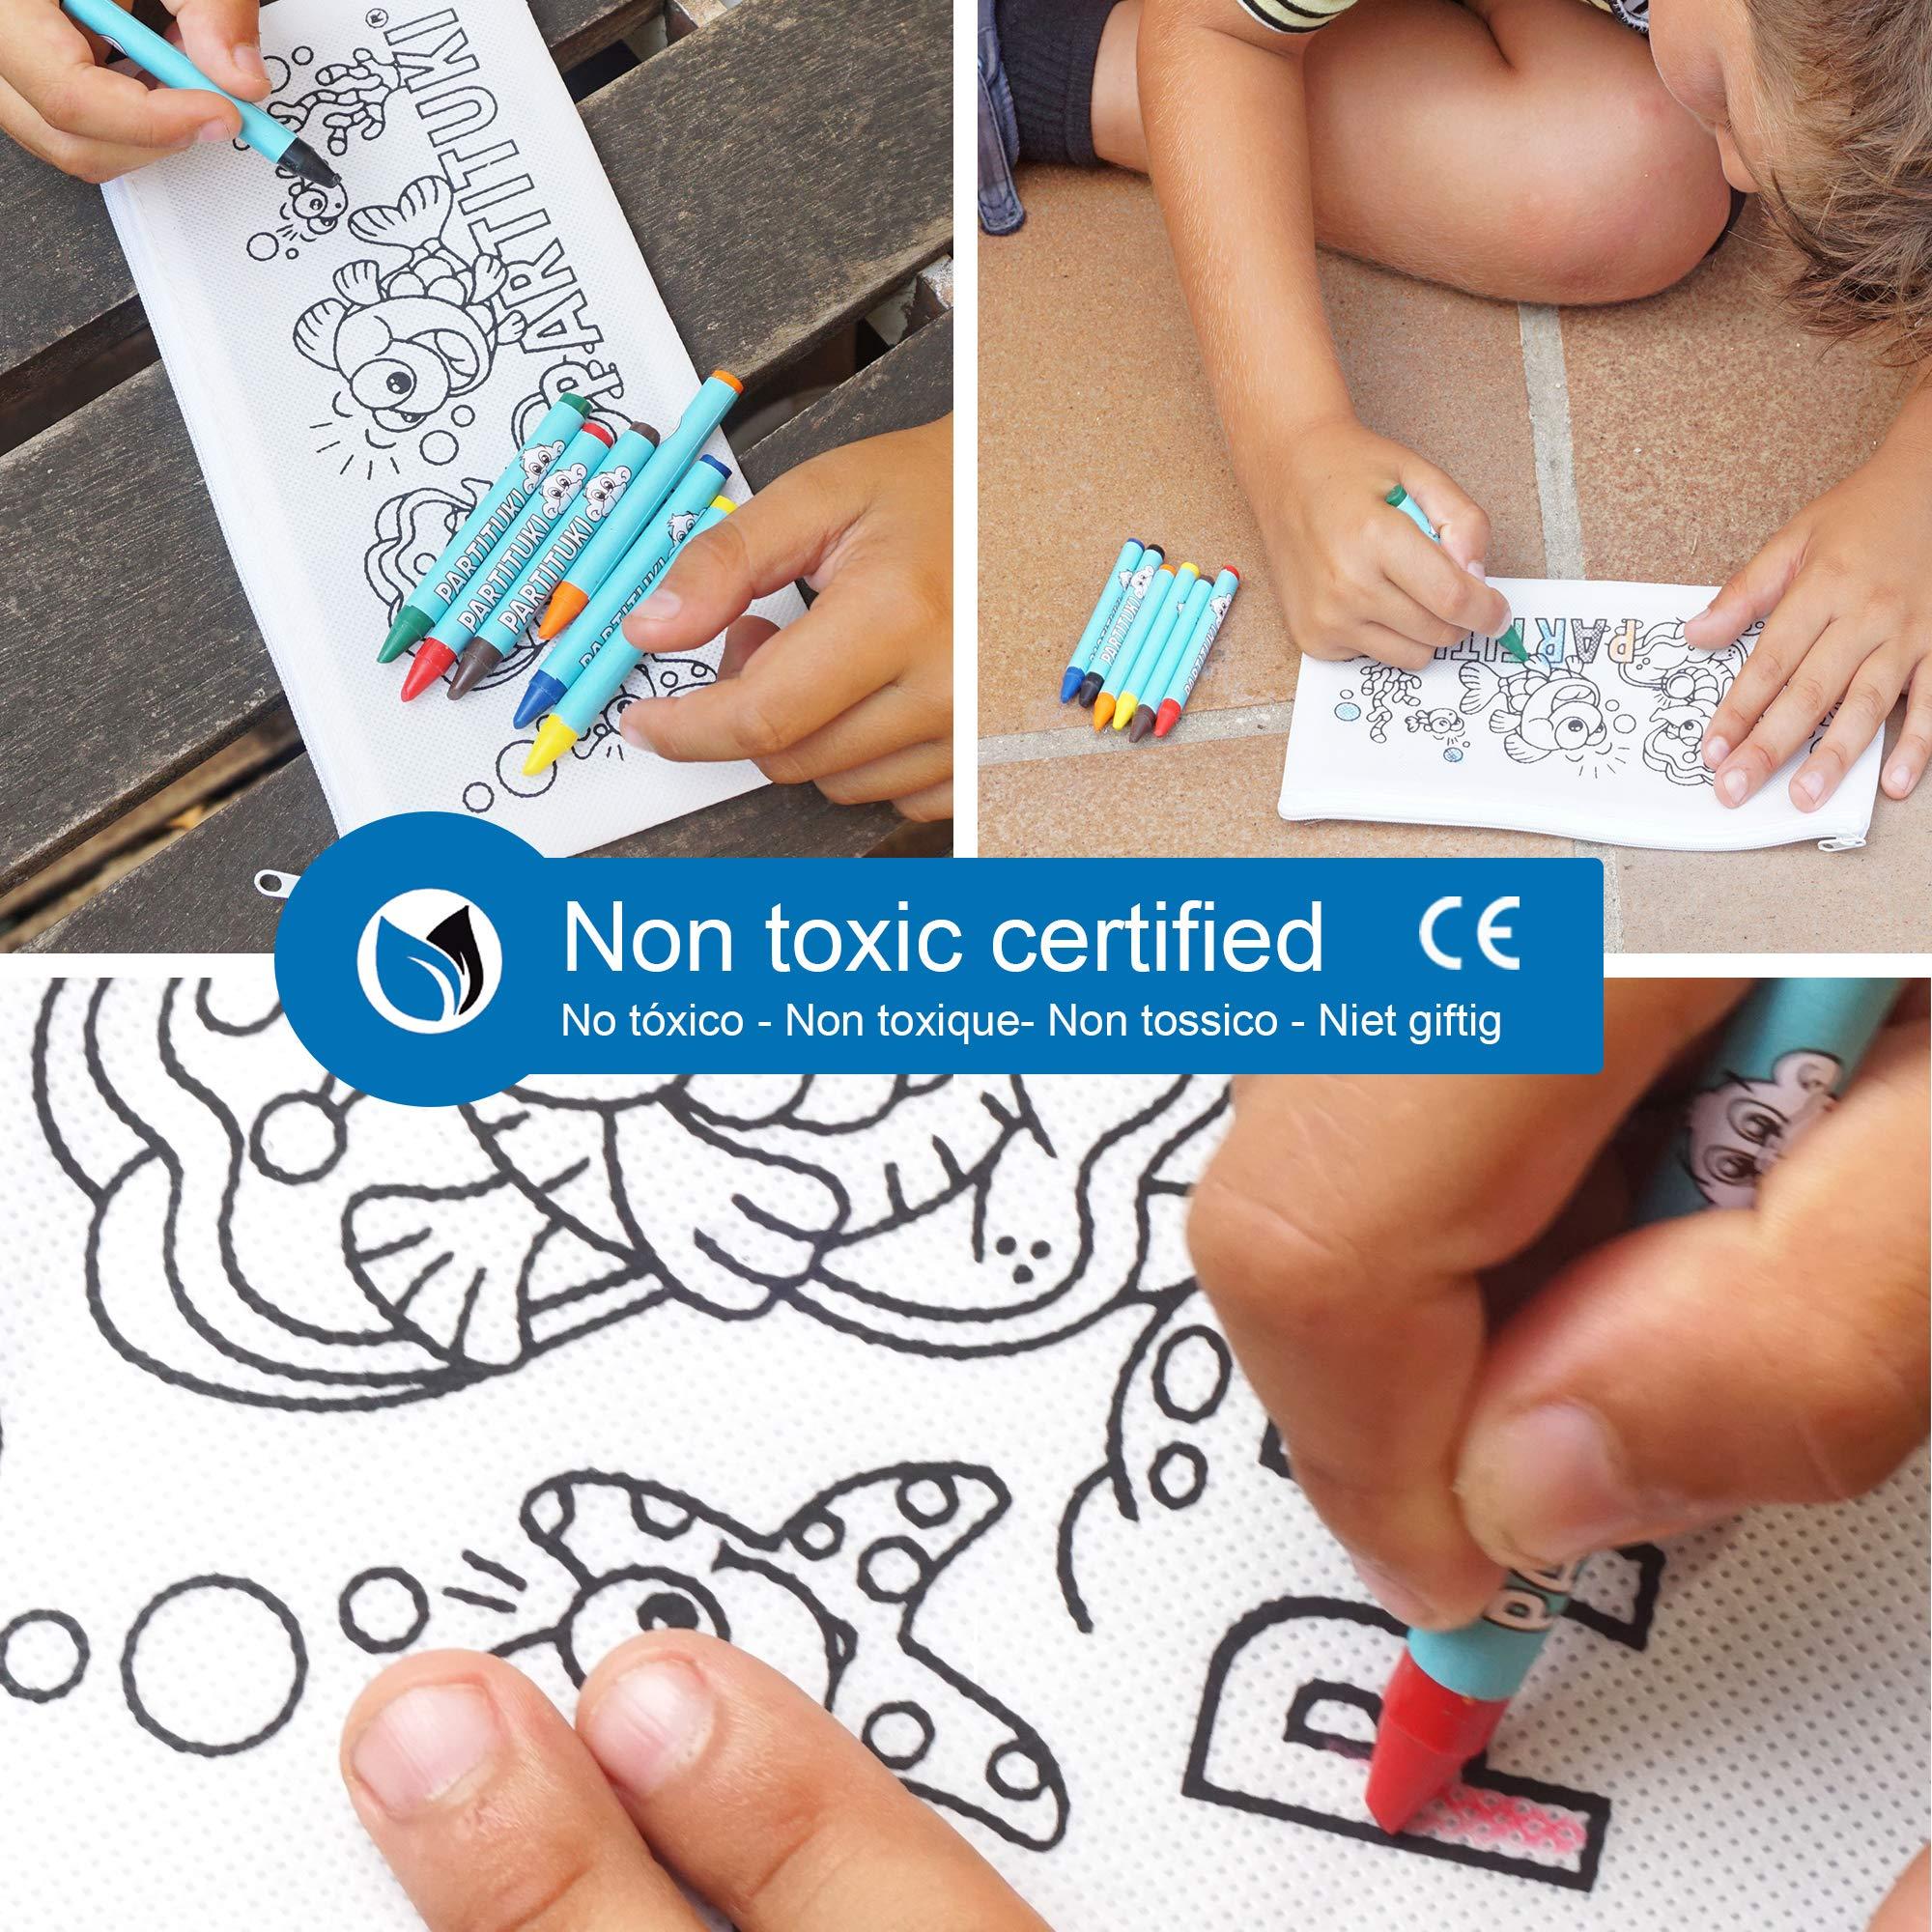 Detalles para Ni/ños Partituki Detalles Fiestas Infantiles 25 Estuches para Colorear y 25 Sets de 7 Ceras de Colores Con Certificado CE de no Toxicidad